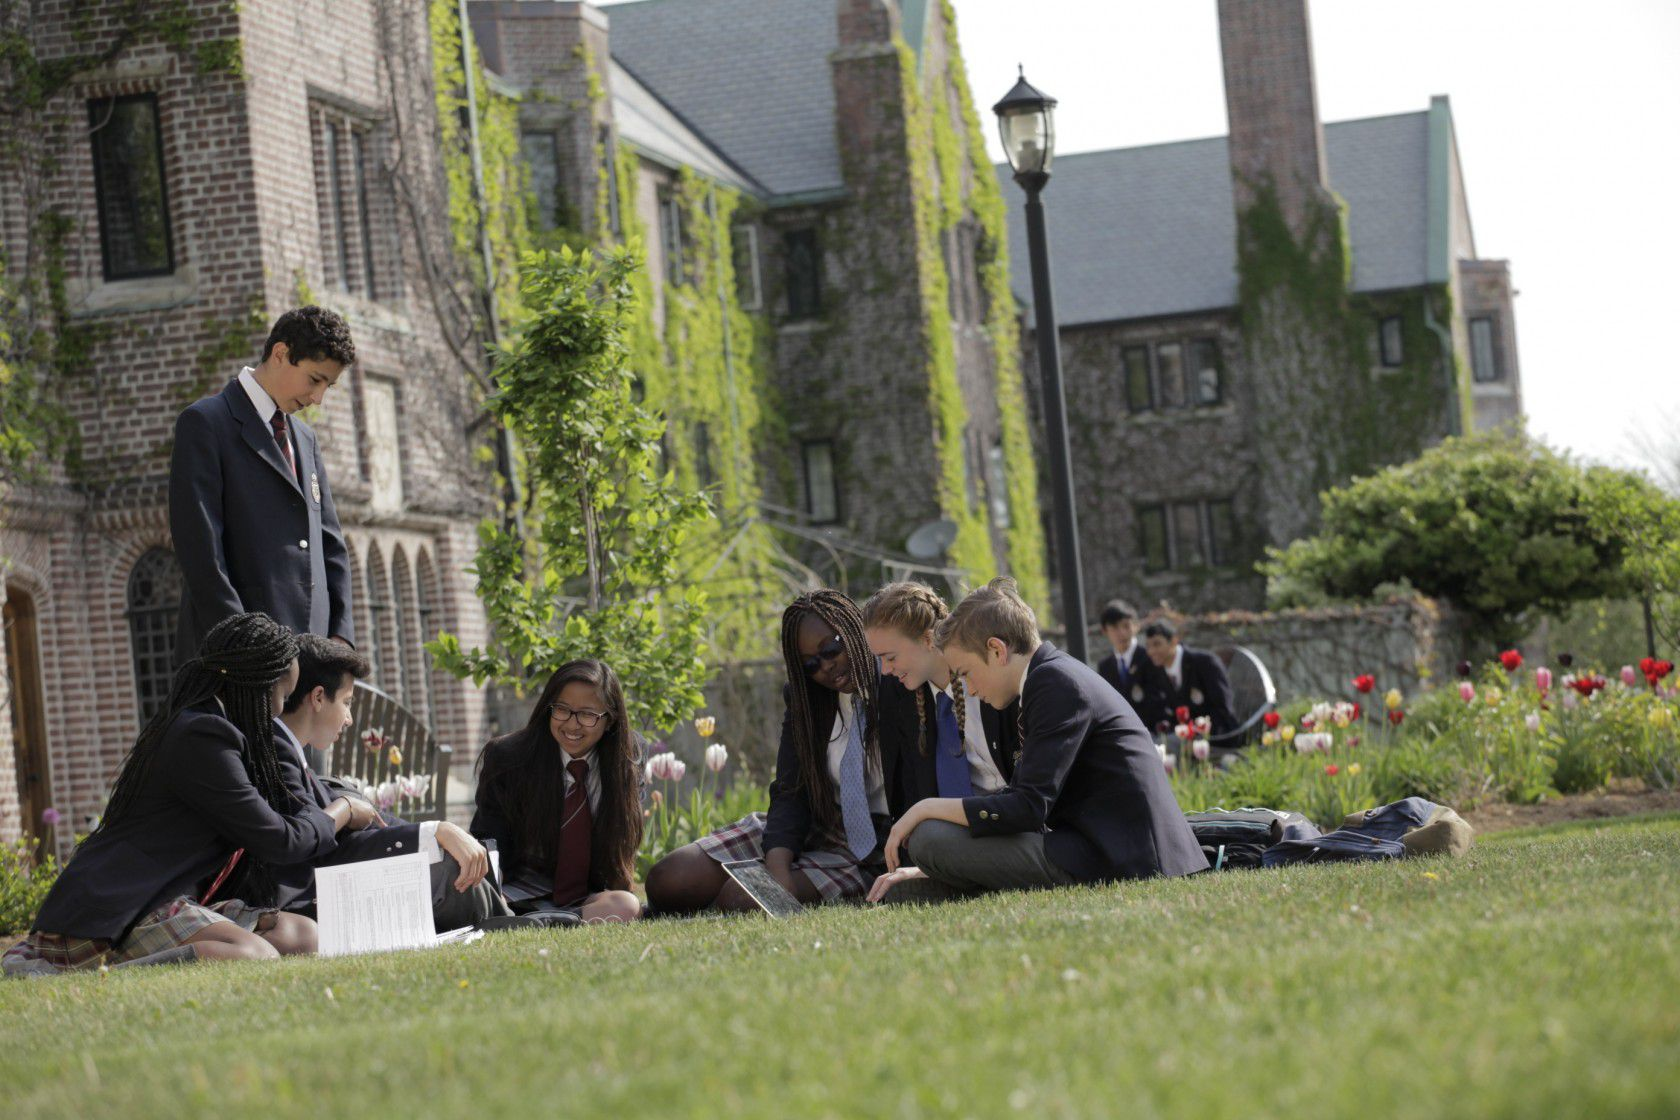 Yurtdışında Lise Eğitimi Nasıl Alınır?